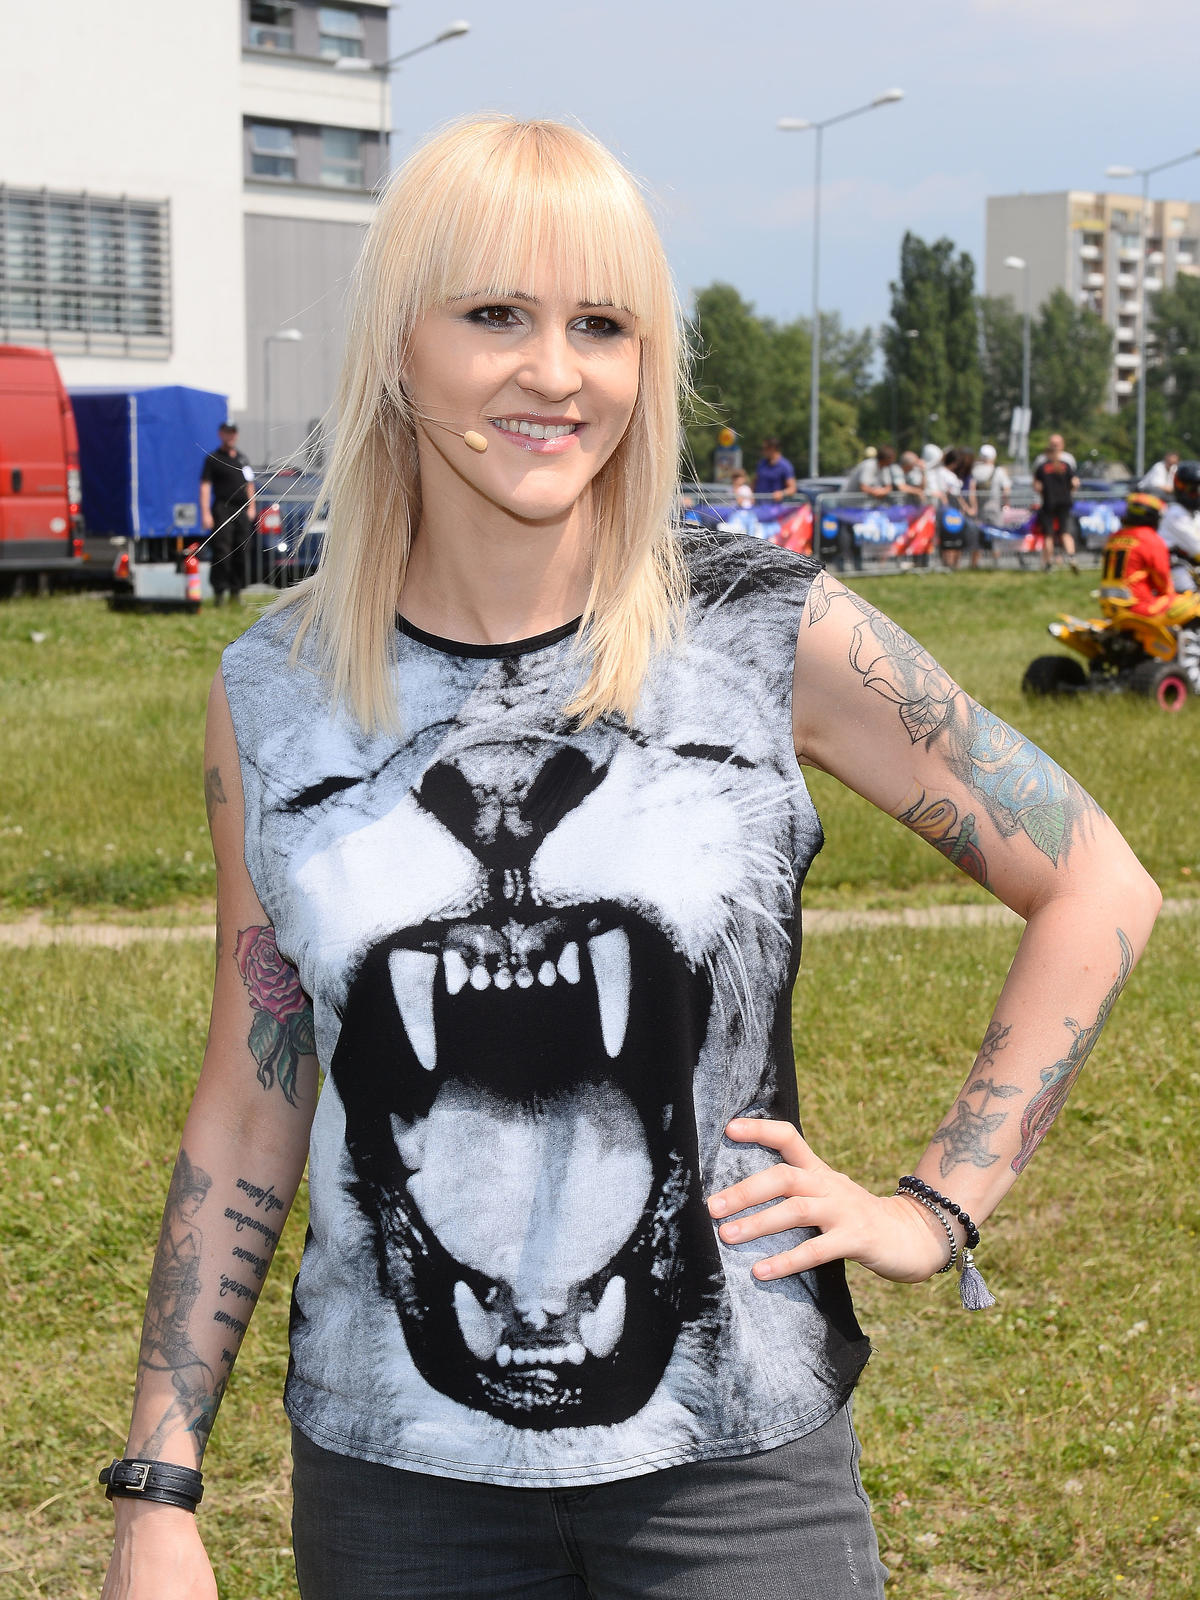 Agnieszka Chylińska w długich, blond włosach